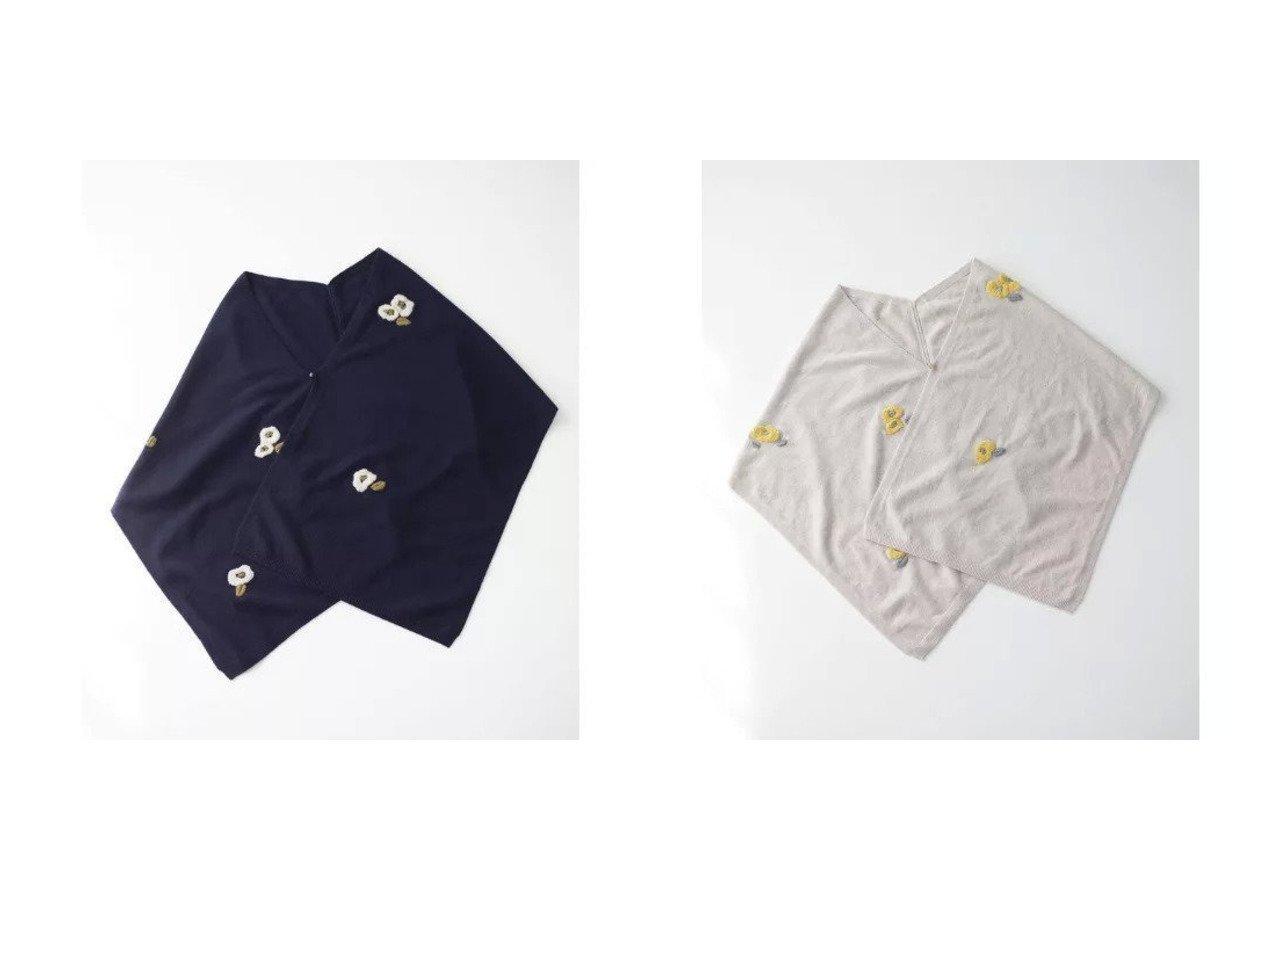 【Sally Scott/サリースコット】のLandolt 刺繍ケープ おすすめ!人気、トレンド・レディースファッションの通販 おすすめで人気の流行・トレンド、ファッションの通販商品 インテリア・家具・メンズファッション・キッズファッション・レディースファッション・服の通販 founy(ファニー) https://founy.com/ ファッション Fashion レディースファッション WOMEN ストール Scarves マフラー Mufflers おすすめ Recommend ショート スカーフ ストール ハンド マフラー モチーフ ランダム ロング |ID:crp329100000071032